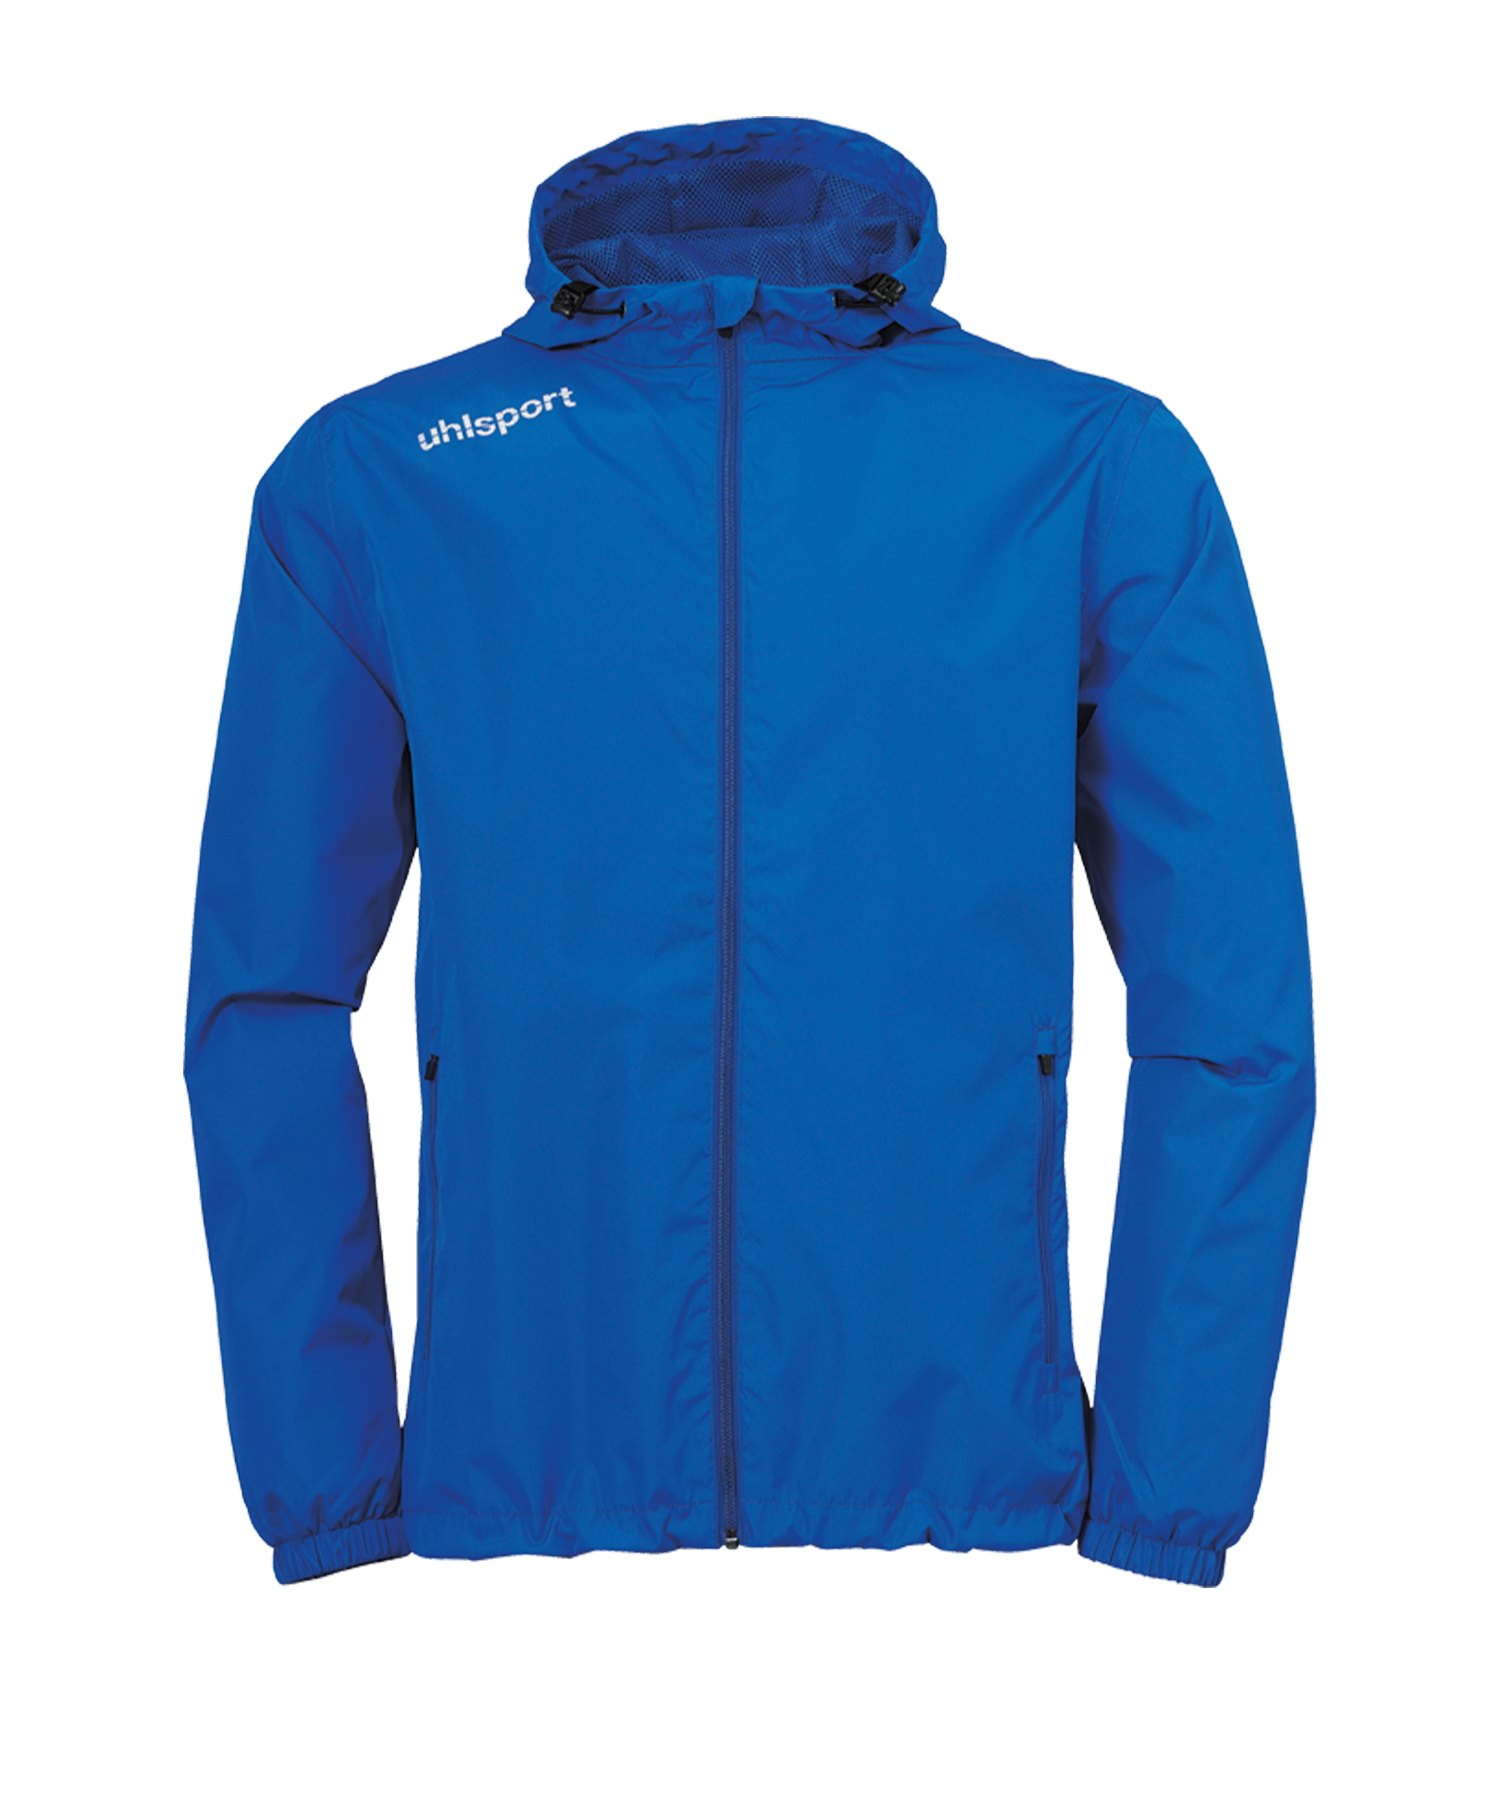 Uhlsport Essential Regenjacke Blau Weiss F02 - blau